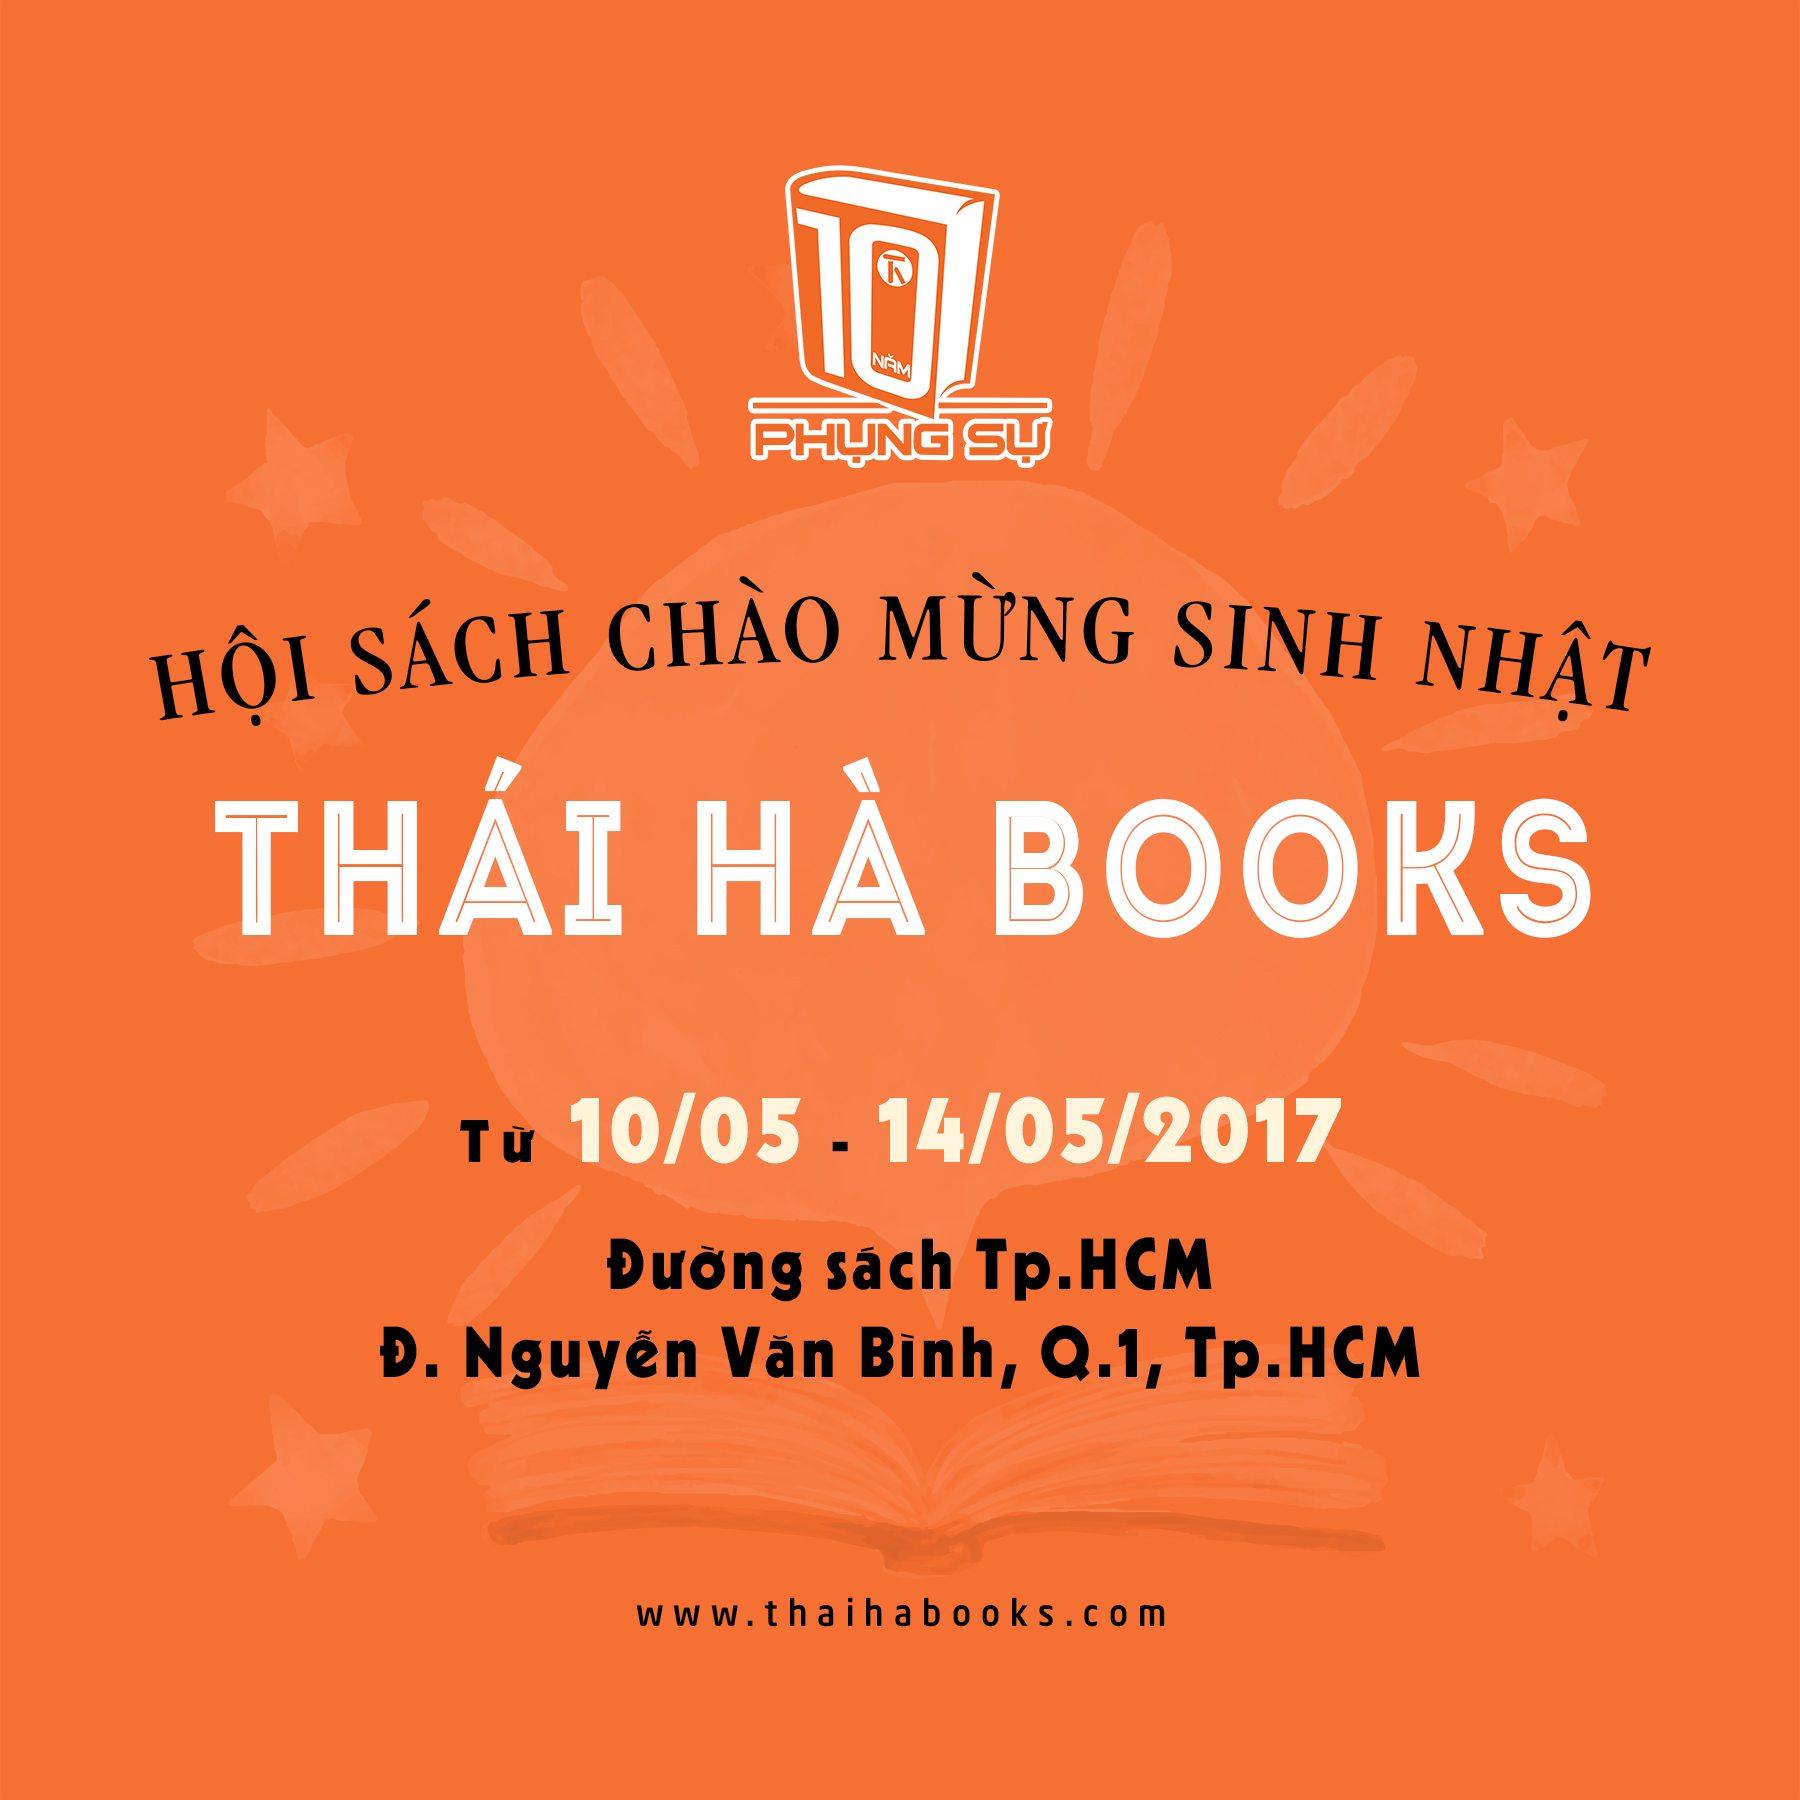 10/05 – 14/05 Thái Hà Books tổ chức hội sách mừng sinh nhật 10 năm